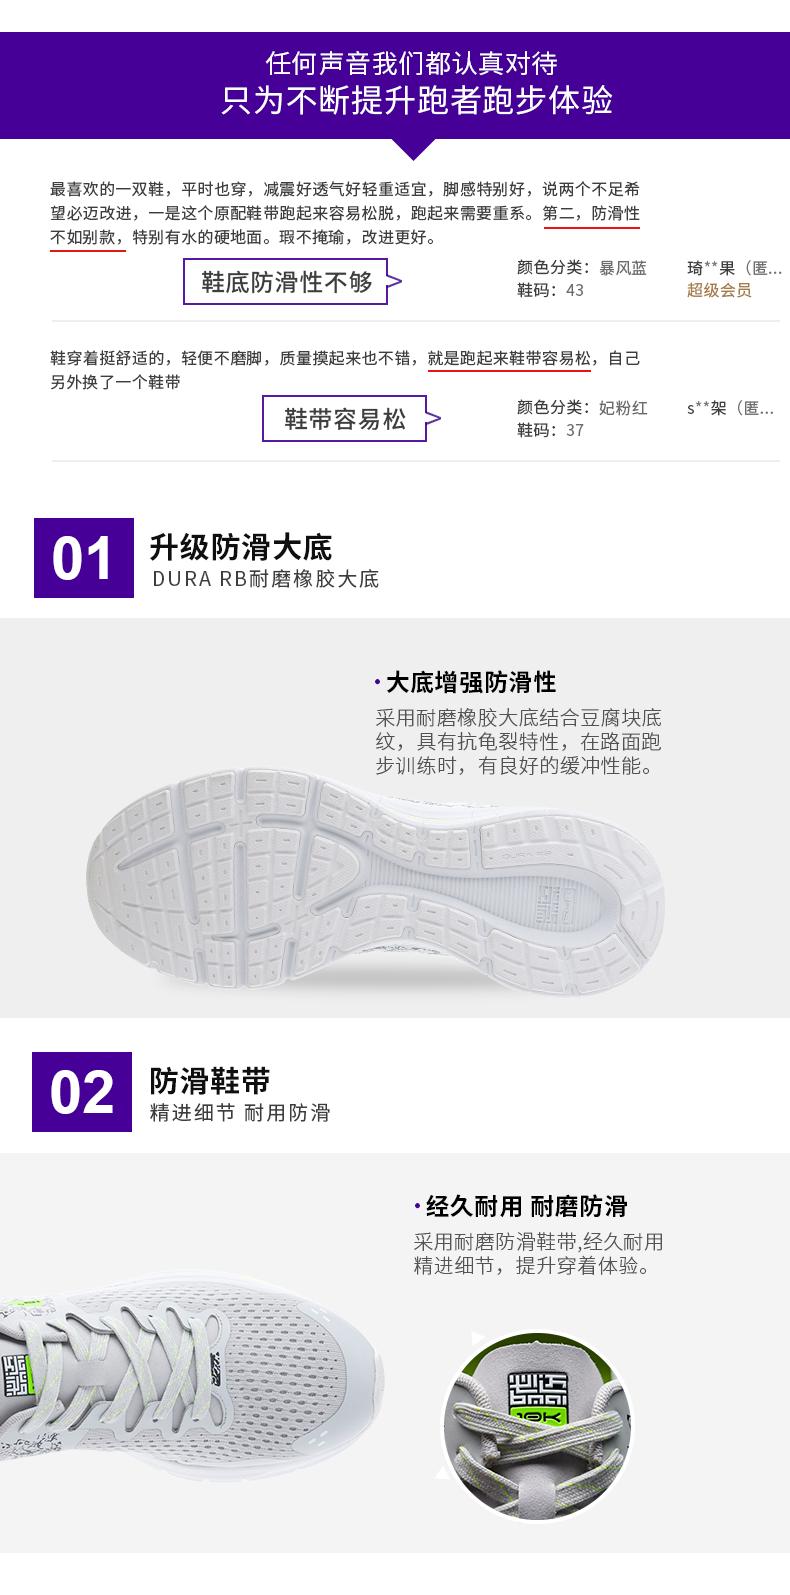 必迈 Mile 10k lite 新款裂变 10公里 女轻量缓震专业跑步鞋 图6